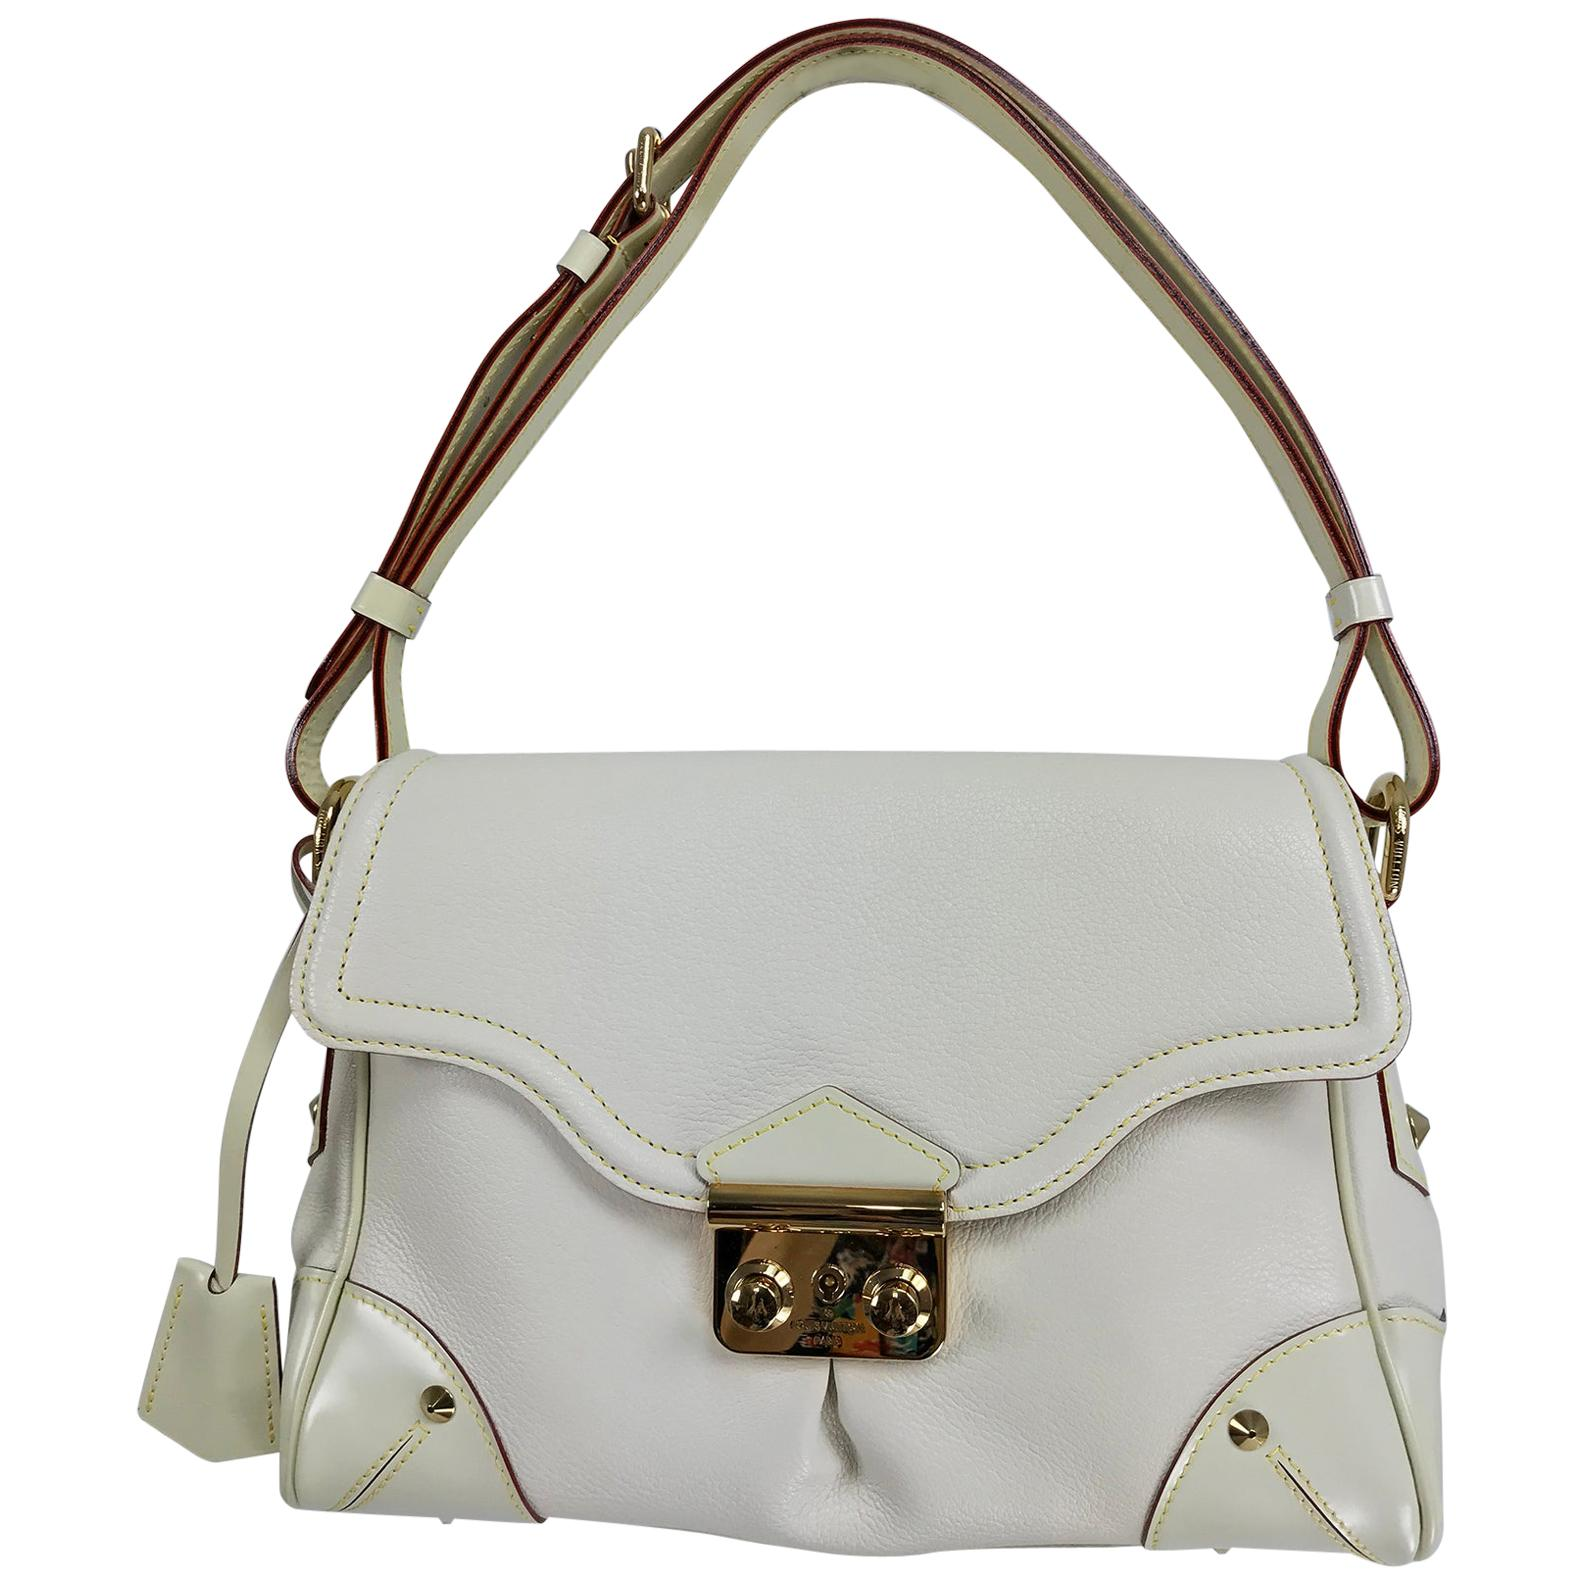 Louis Vuitton Blanc Suhali Leather L'Essentiel PM Bag 2009